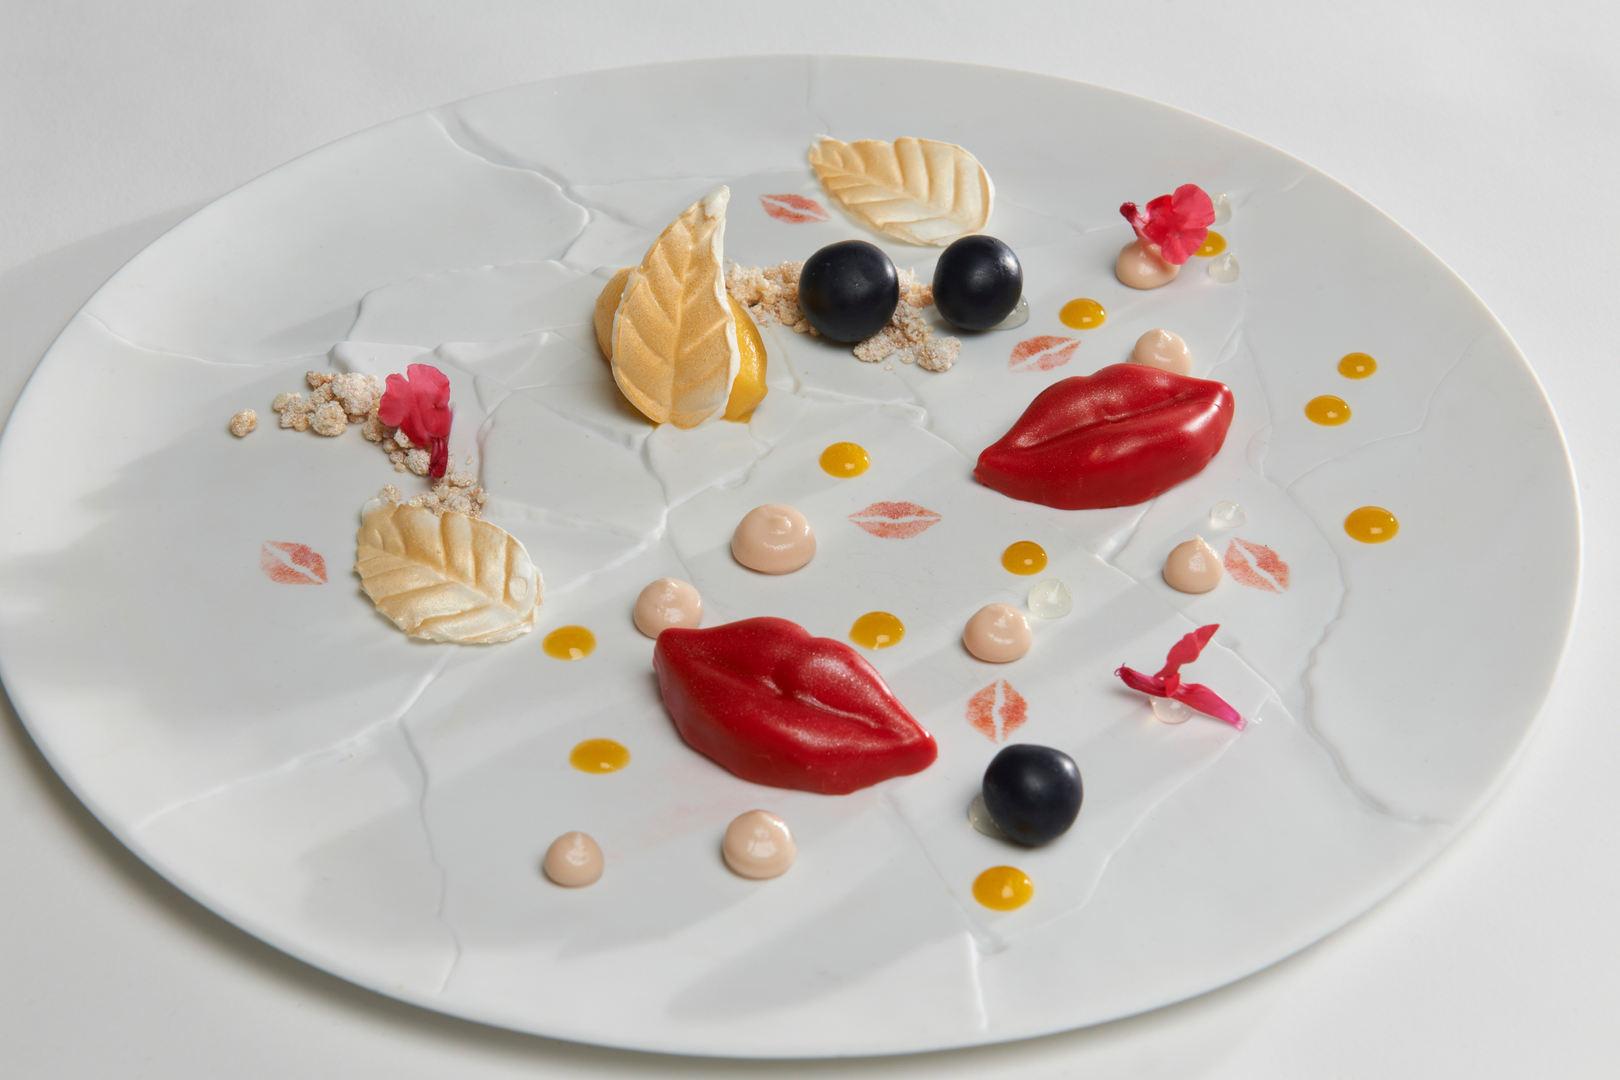 Dessert De Librije - Kus van Therese .jp